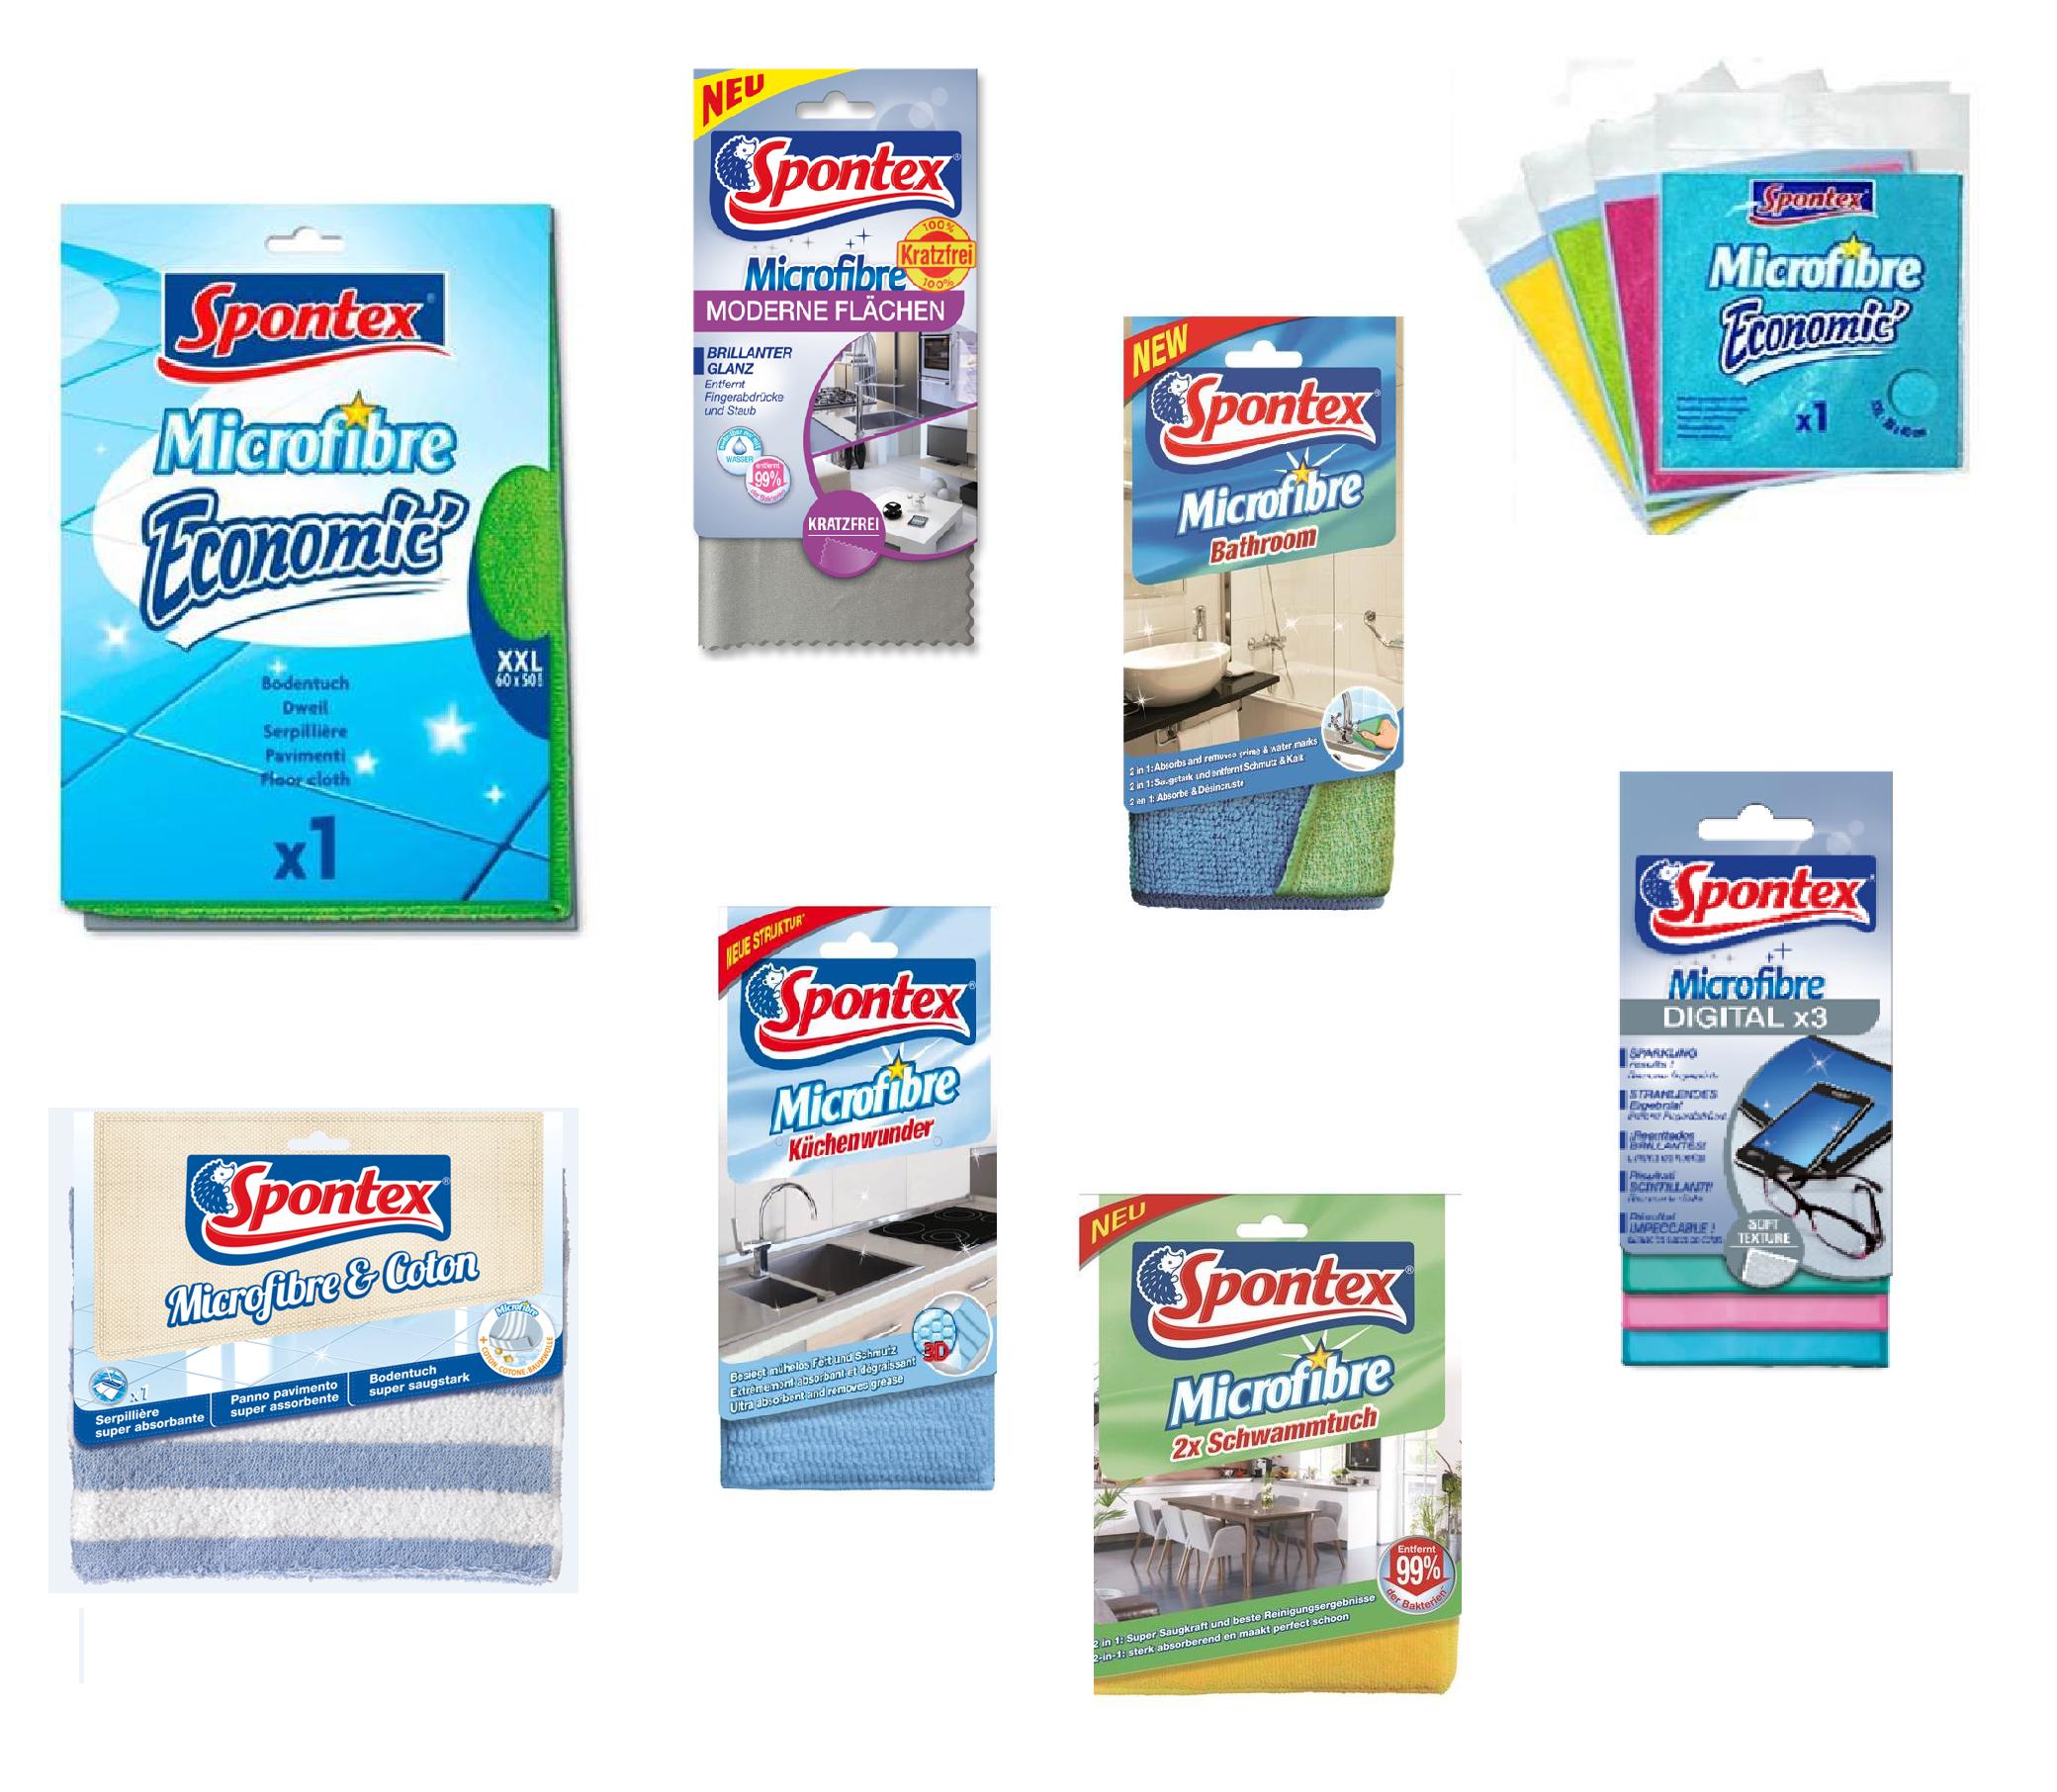 Spontex Microfibre Mikrofaser Reinigungstücher - Pflegetücher für Küche Bad und Elektronik